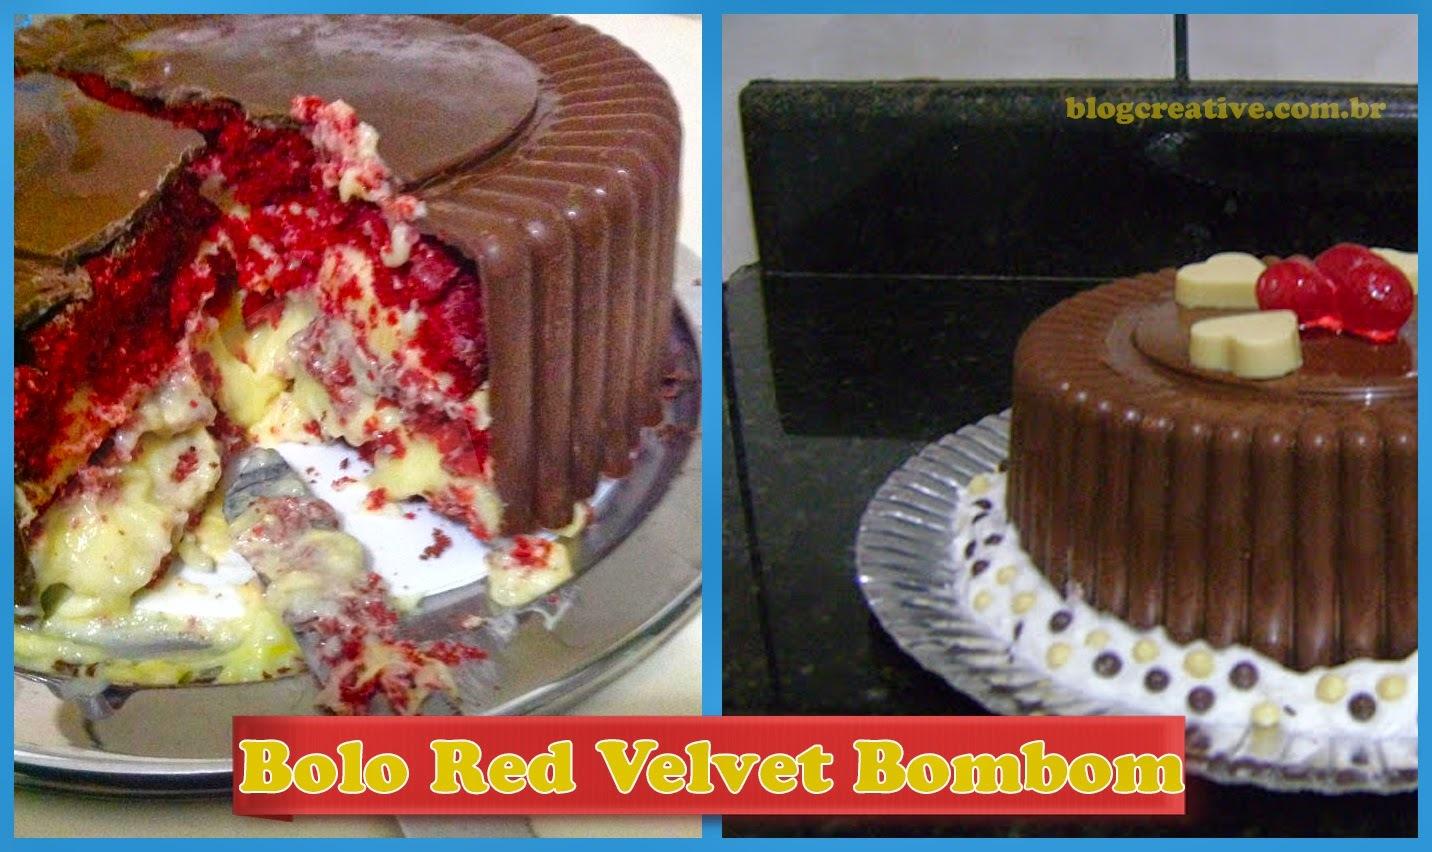 Bolo Red Velvet Bombom